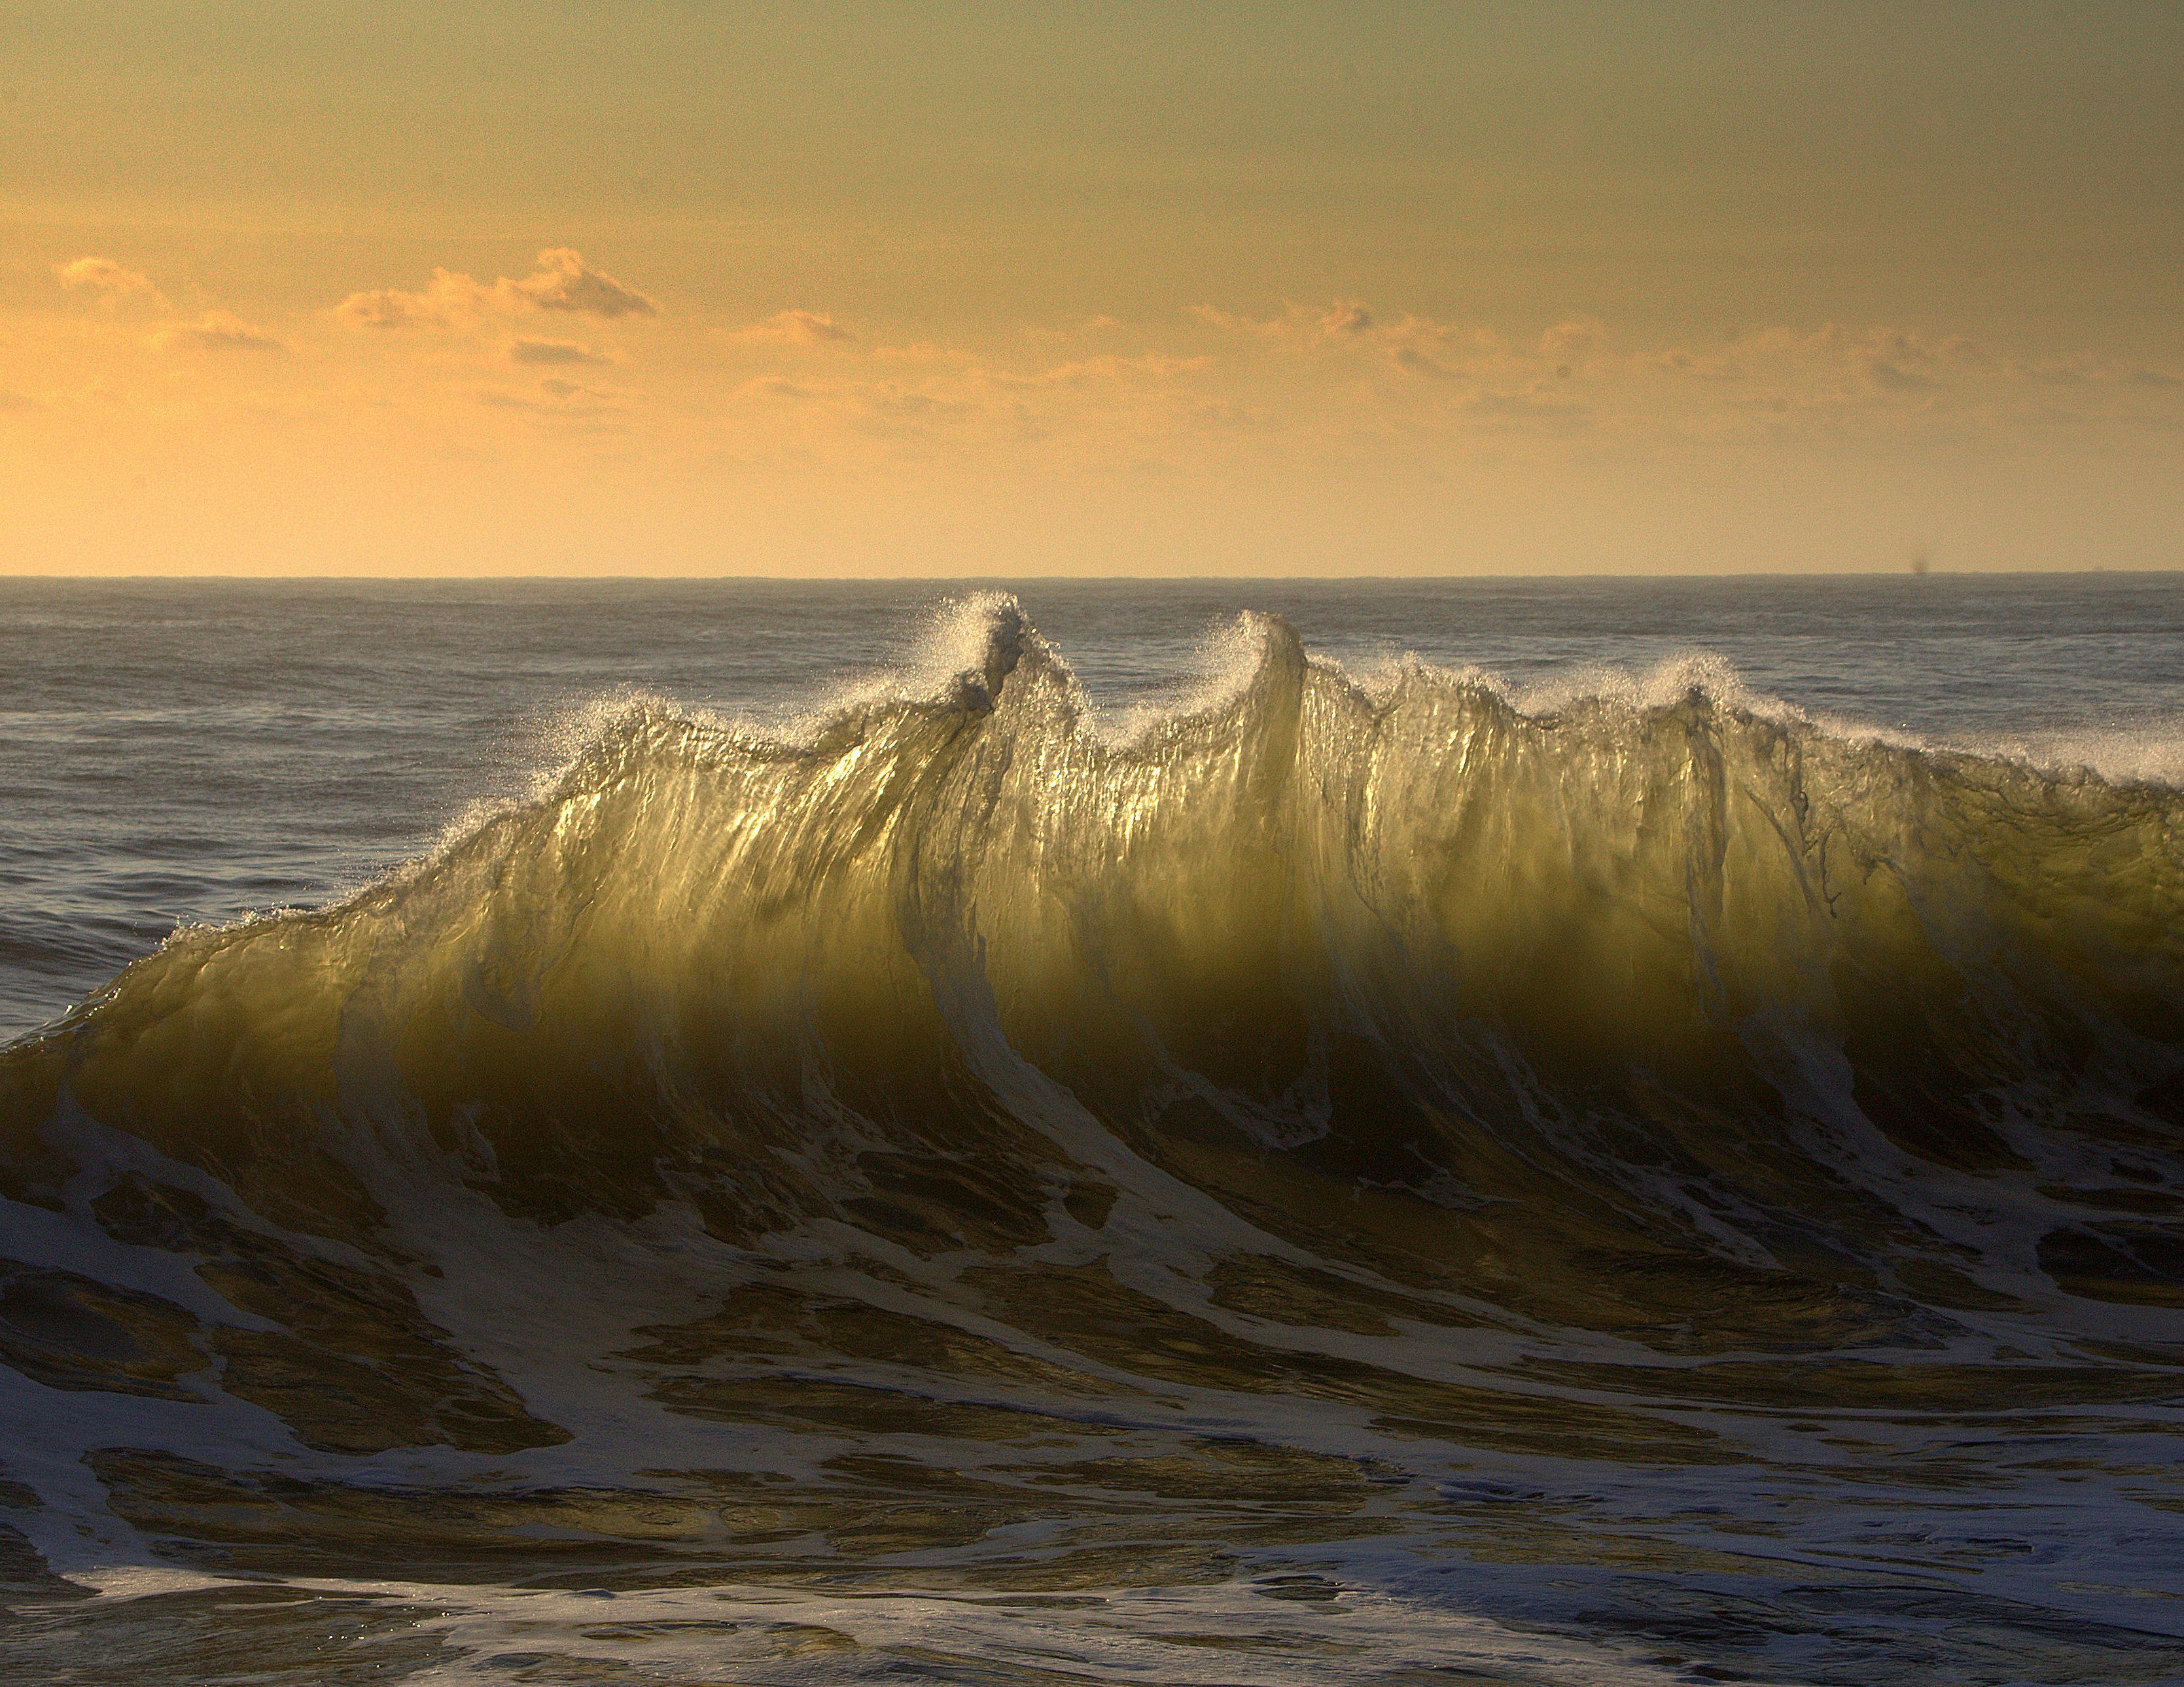 расцветки волны моря золотые фото водится, самом хорошем